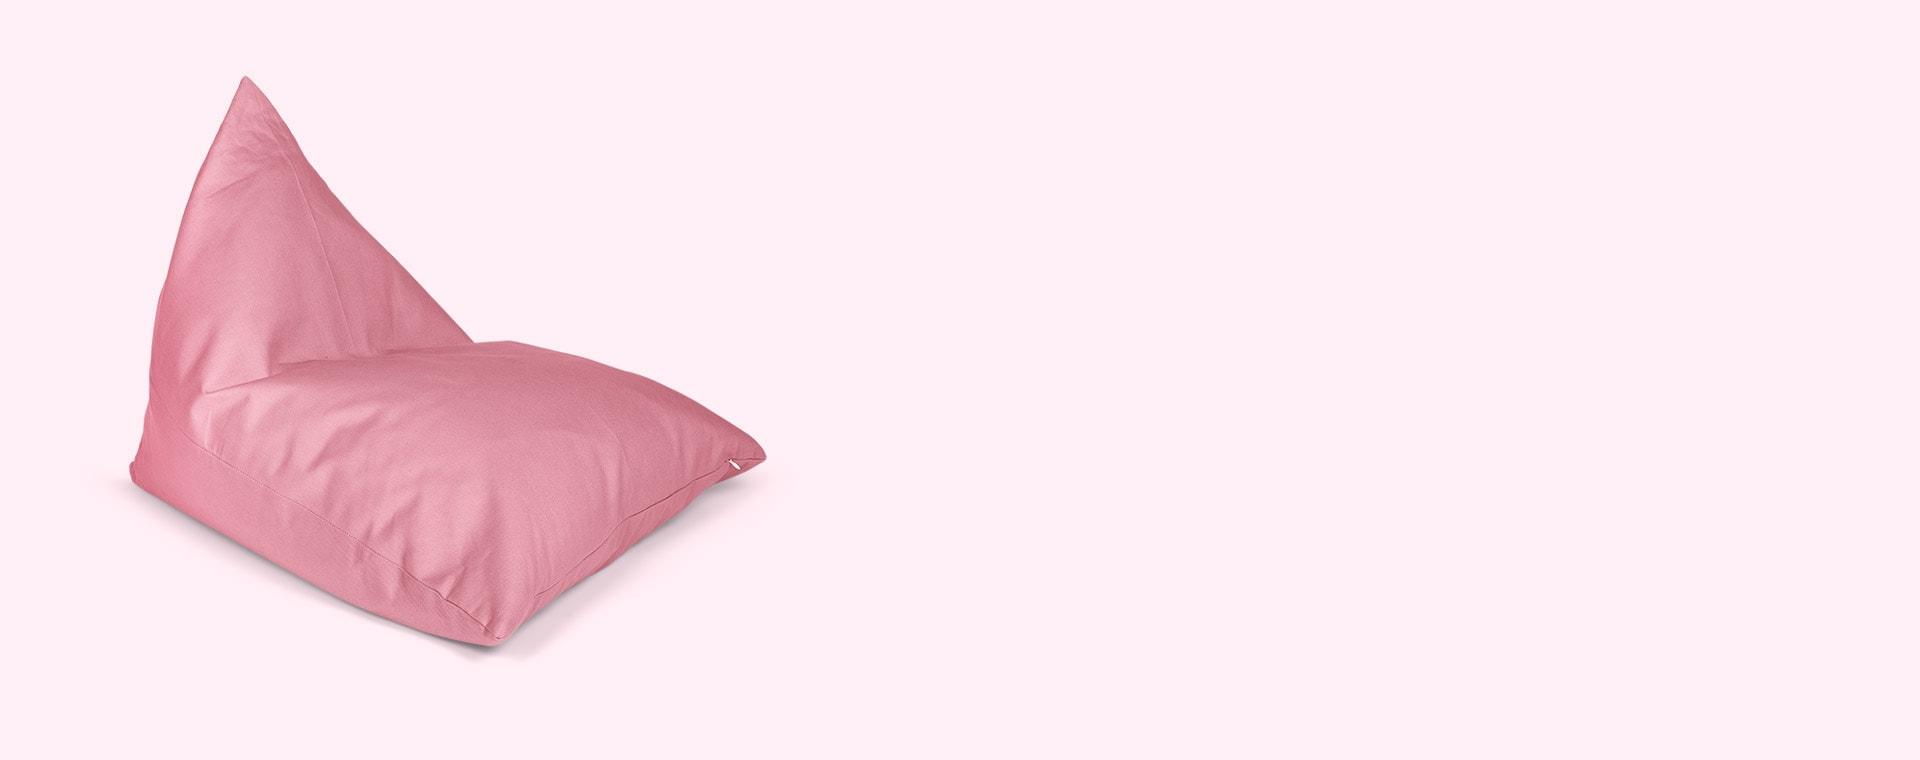 Blush Pink wigiwama Beanbag